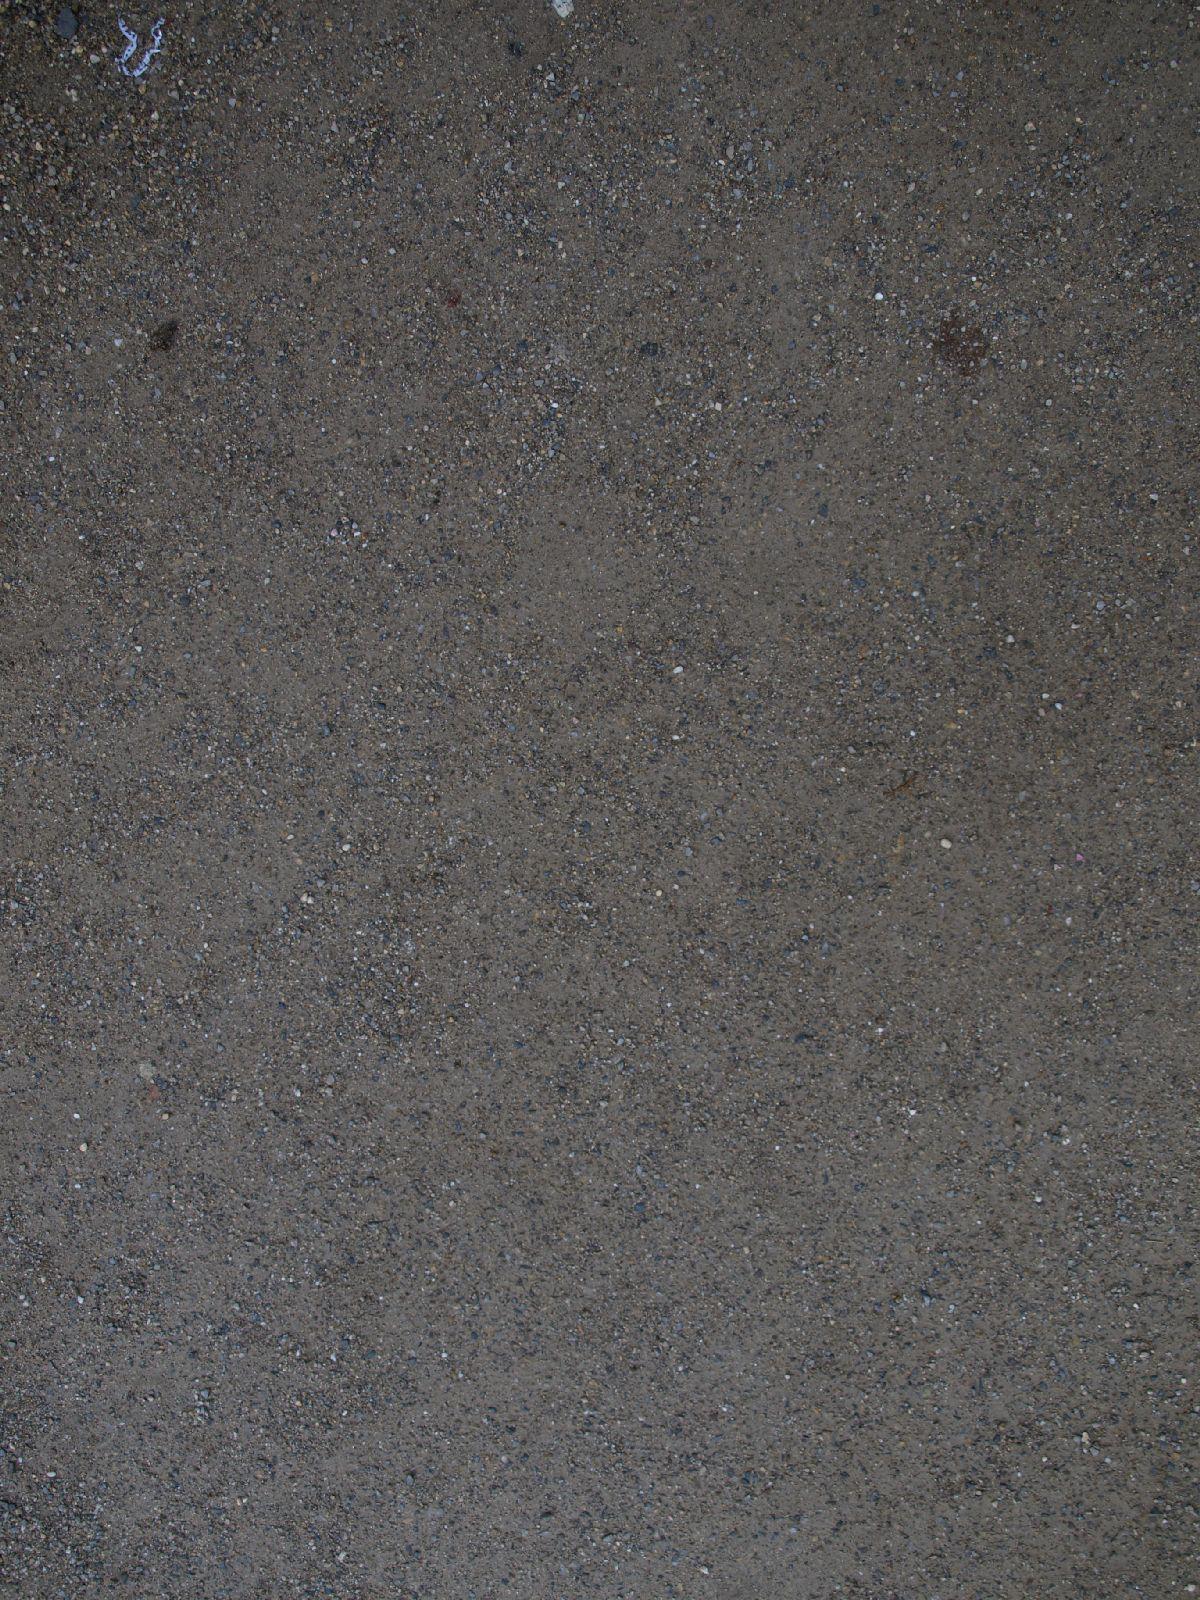 Ground-Urban_Texture_A_P4131180